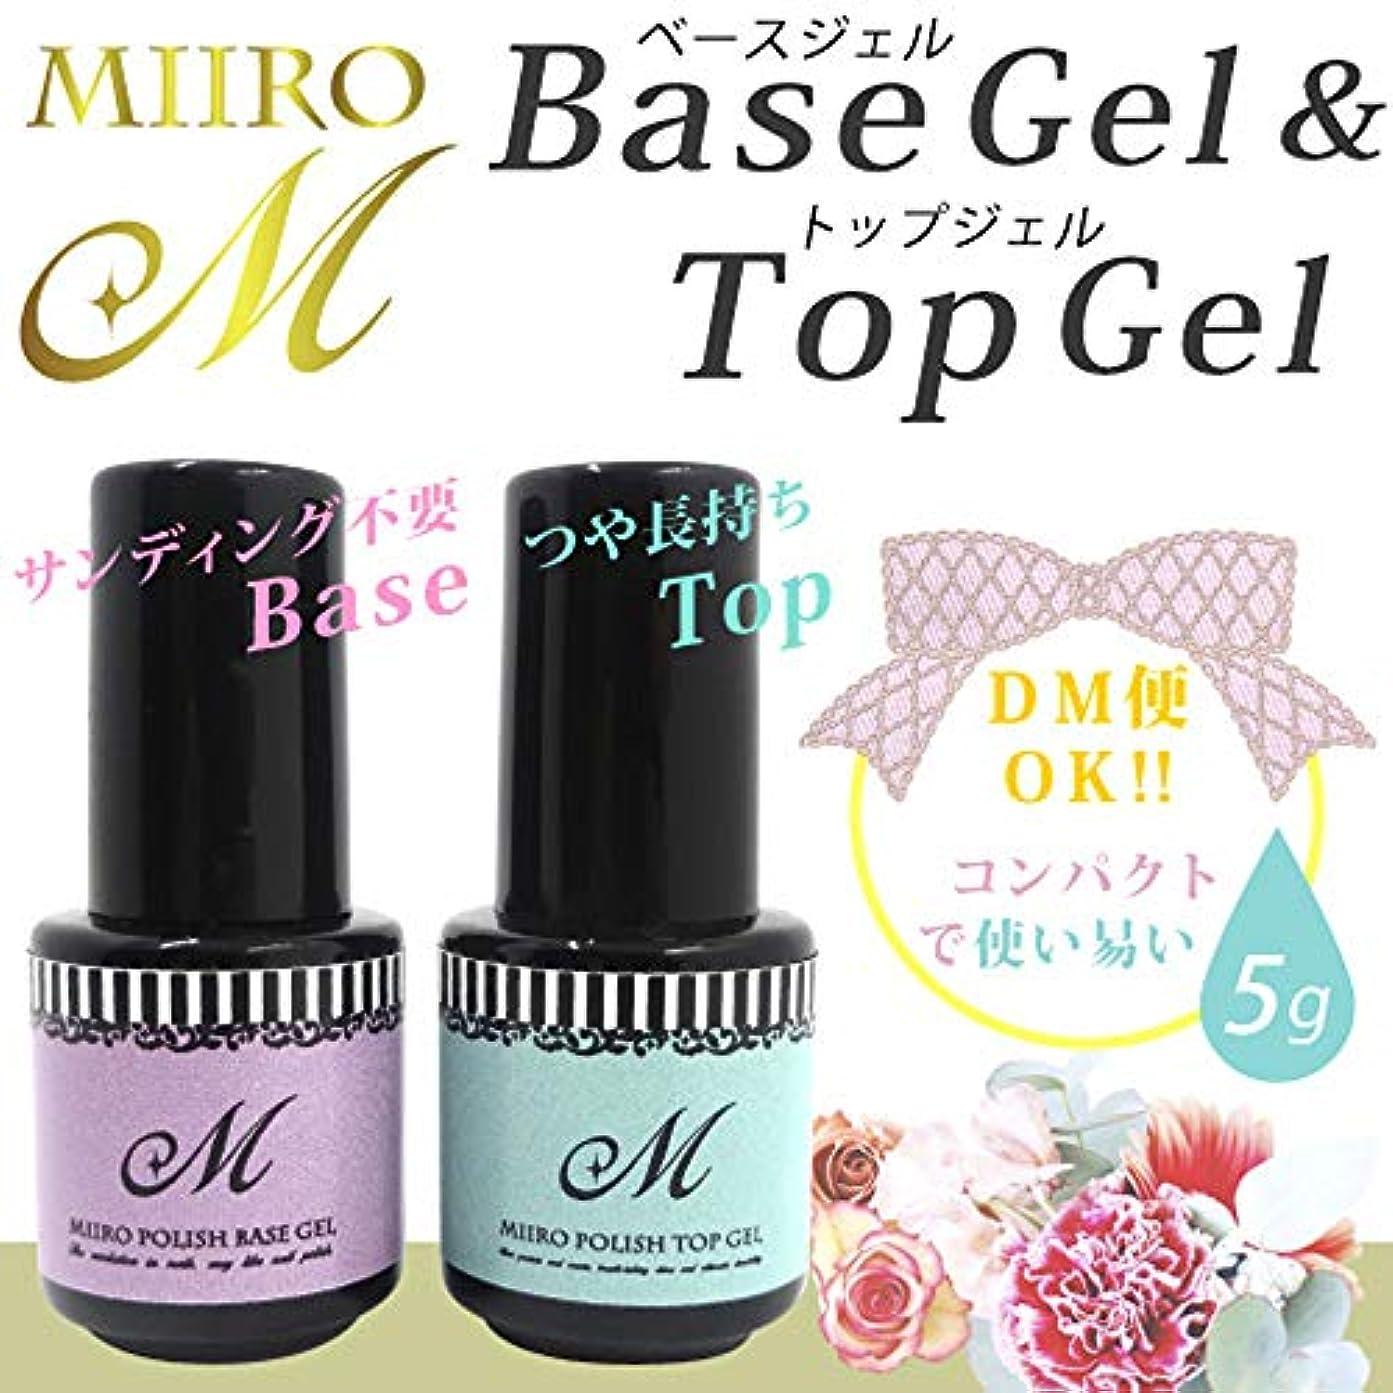 クラッチ羨望入場トップ&ベースジェル 美色 Miiro 各5g (ベースジェル)